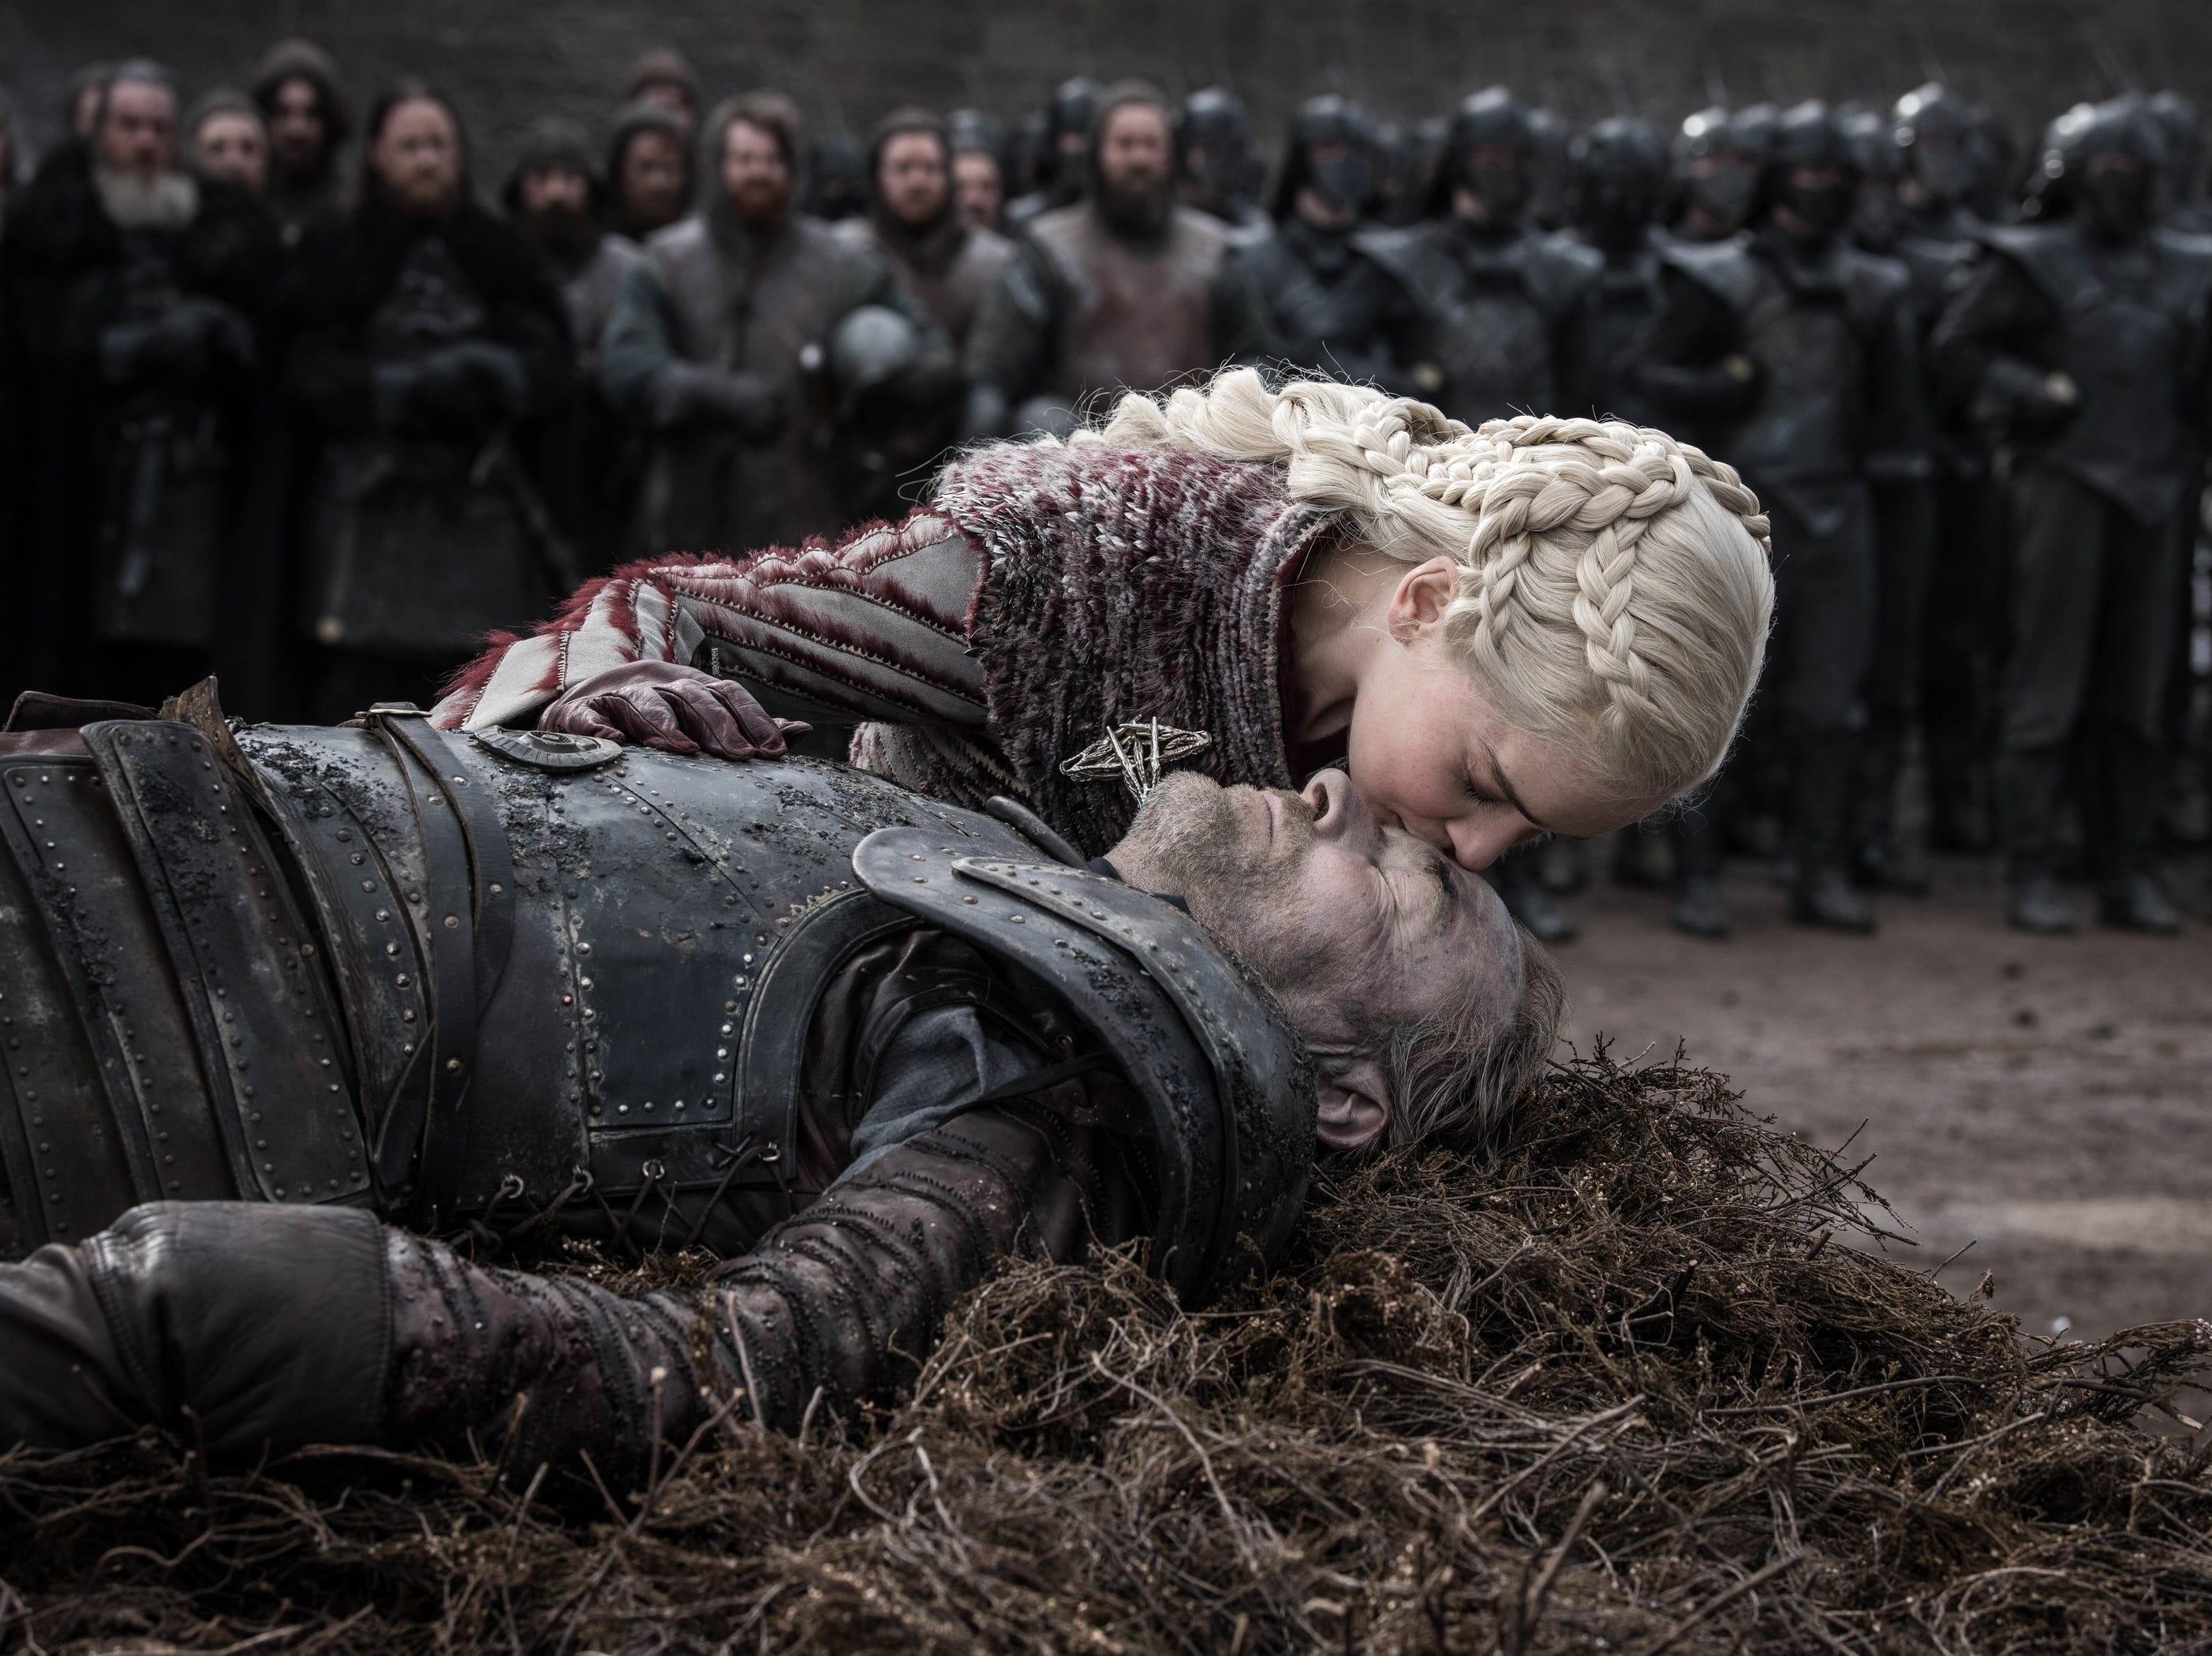 Daenerys Targaryen (Emilia Clarke), top, mourns the fallen Jorah Mormont (Iain Glen), who died in the Battle of Winterfell.